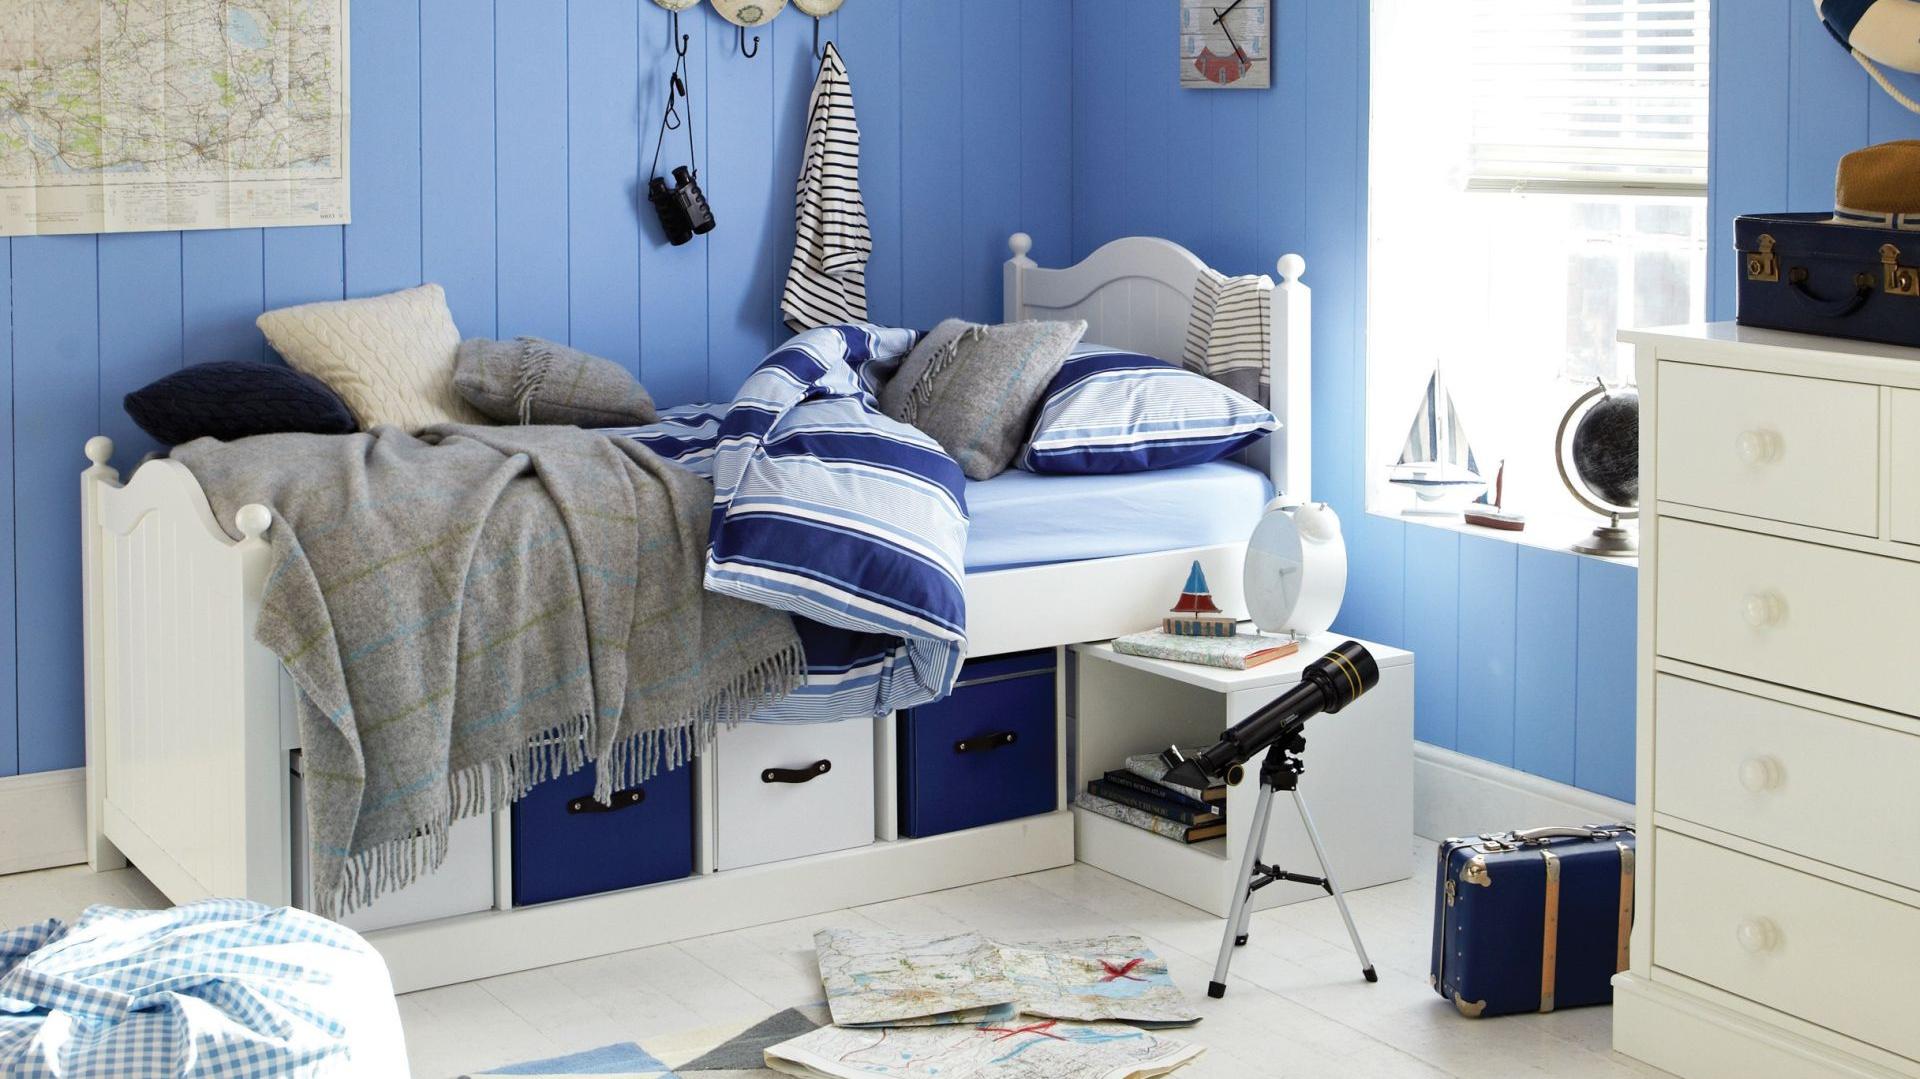 19fa36f6ffb351 Aby nadać niebieskiemu wnętrzu oryginalny styl warto wprowadzić do niego  kilka marynistycznych dodatków. W ten